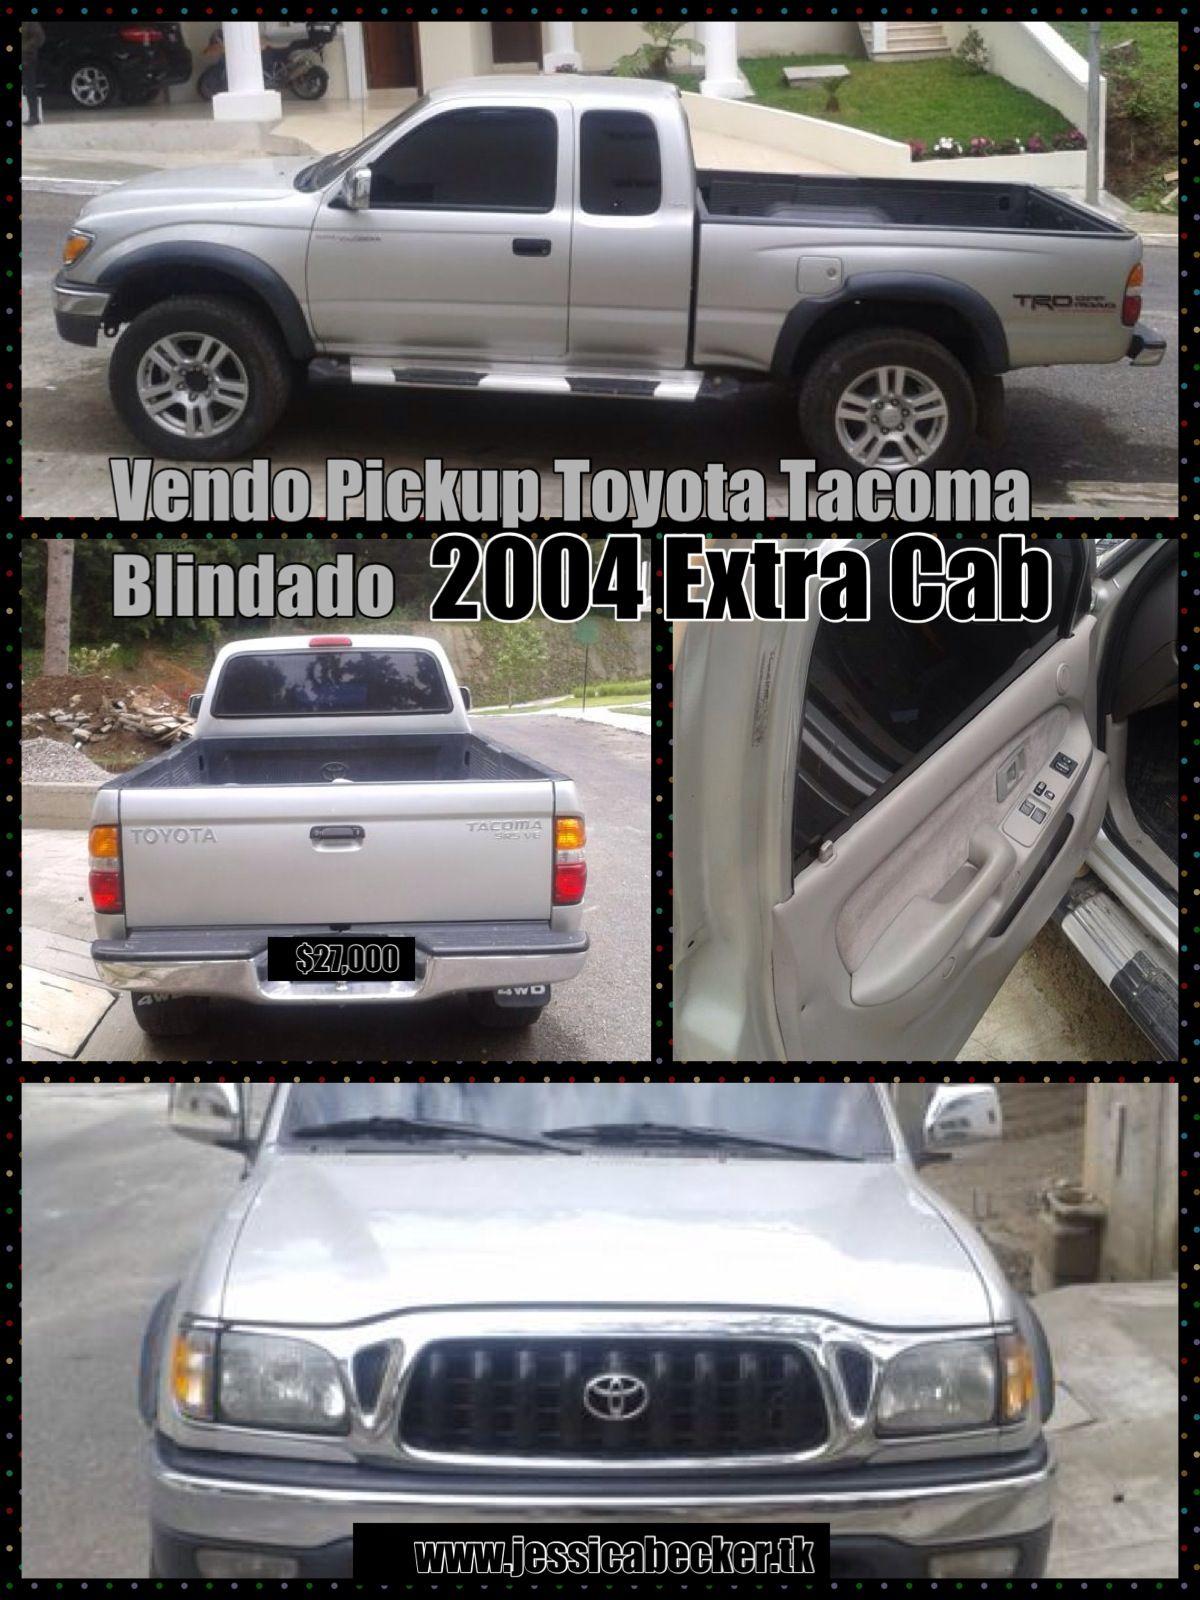 ボード「Vendo carros en Guatemala」のピン